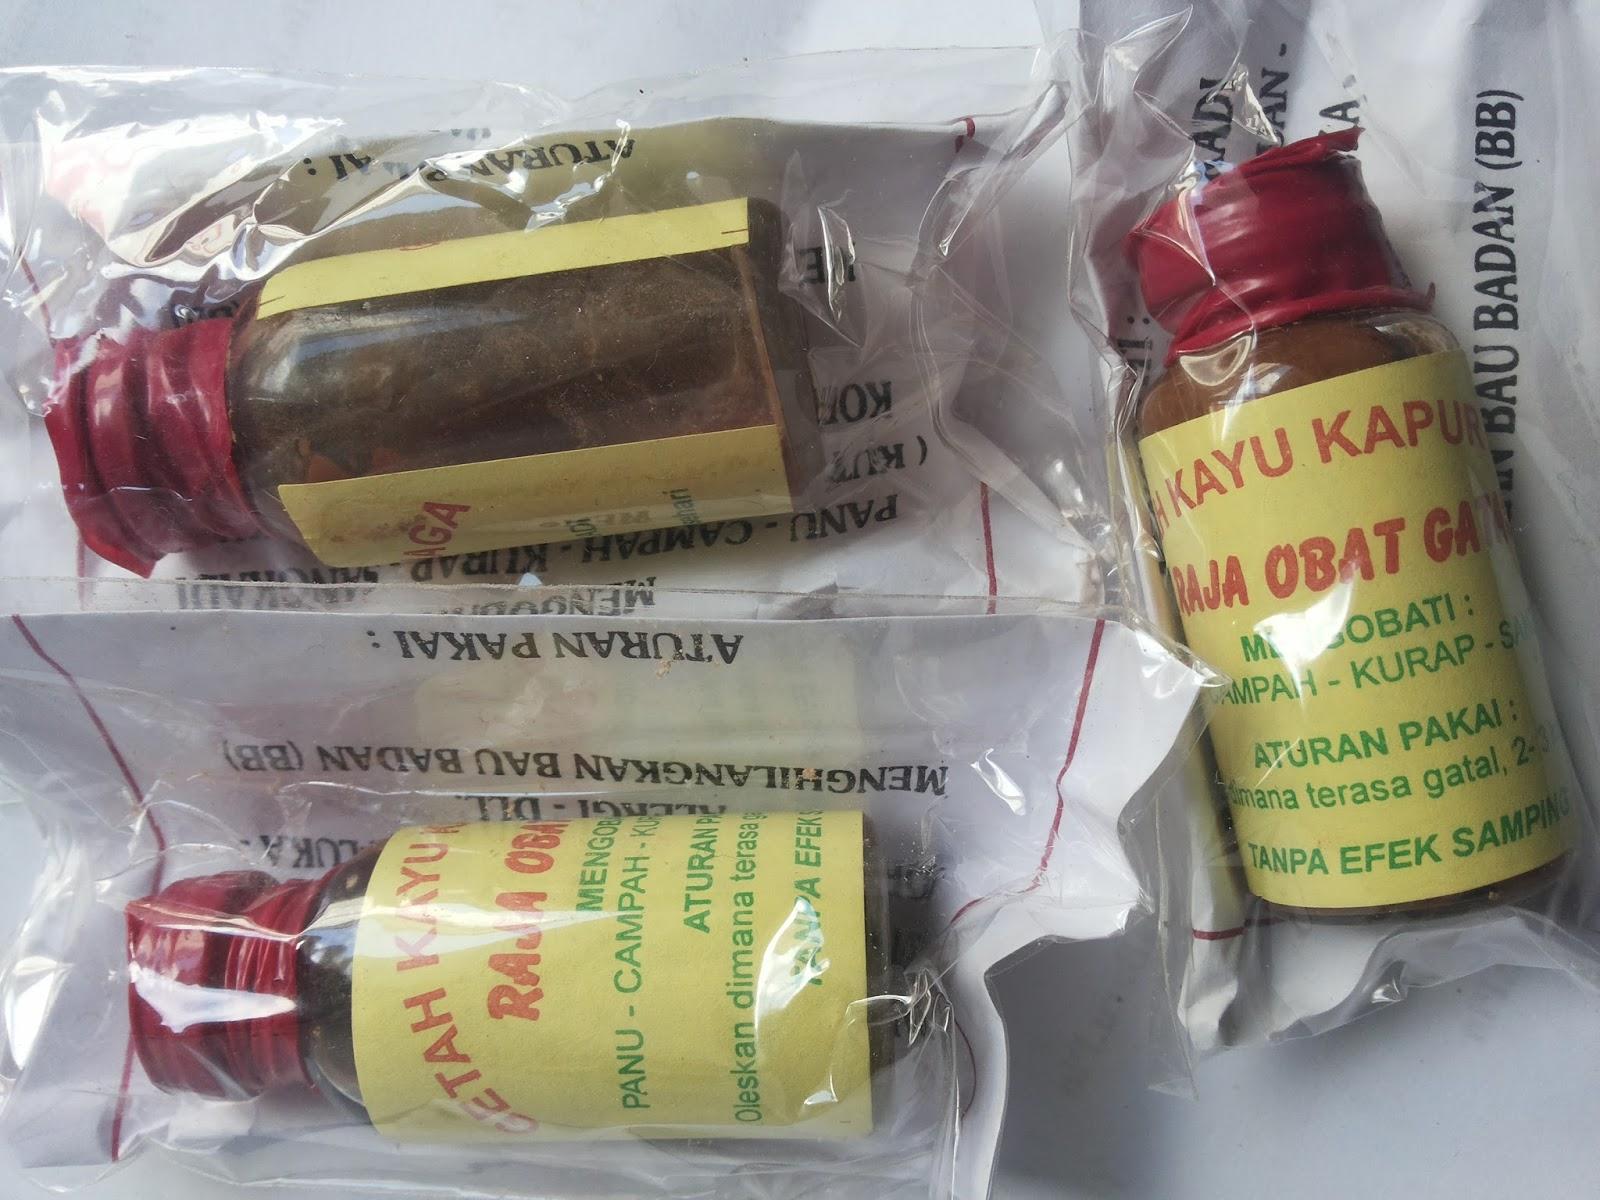 ramuan mujarab suku dayak ramuan getah kapur naga raja